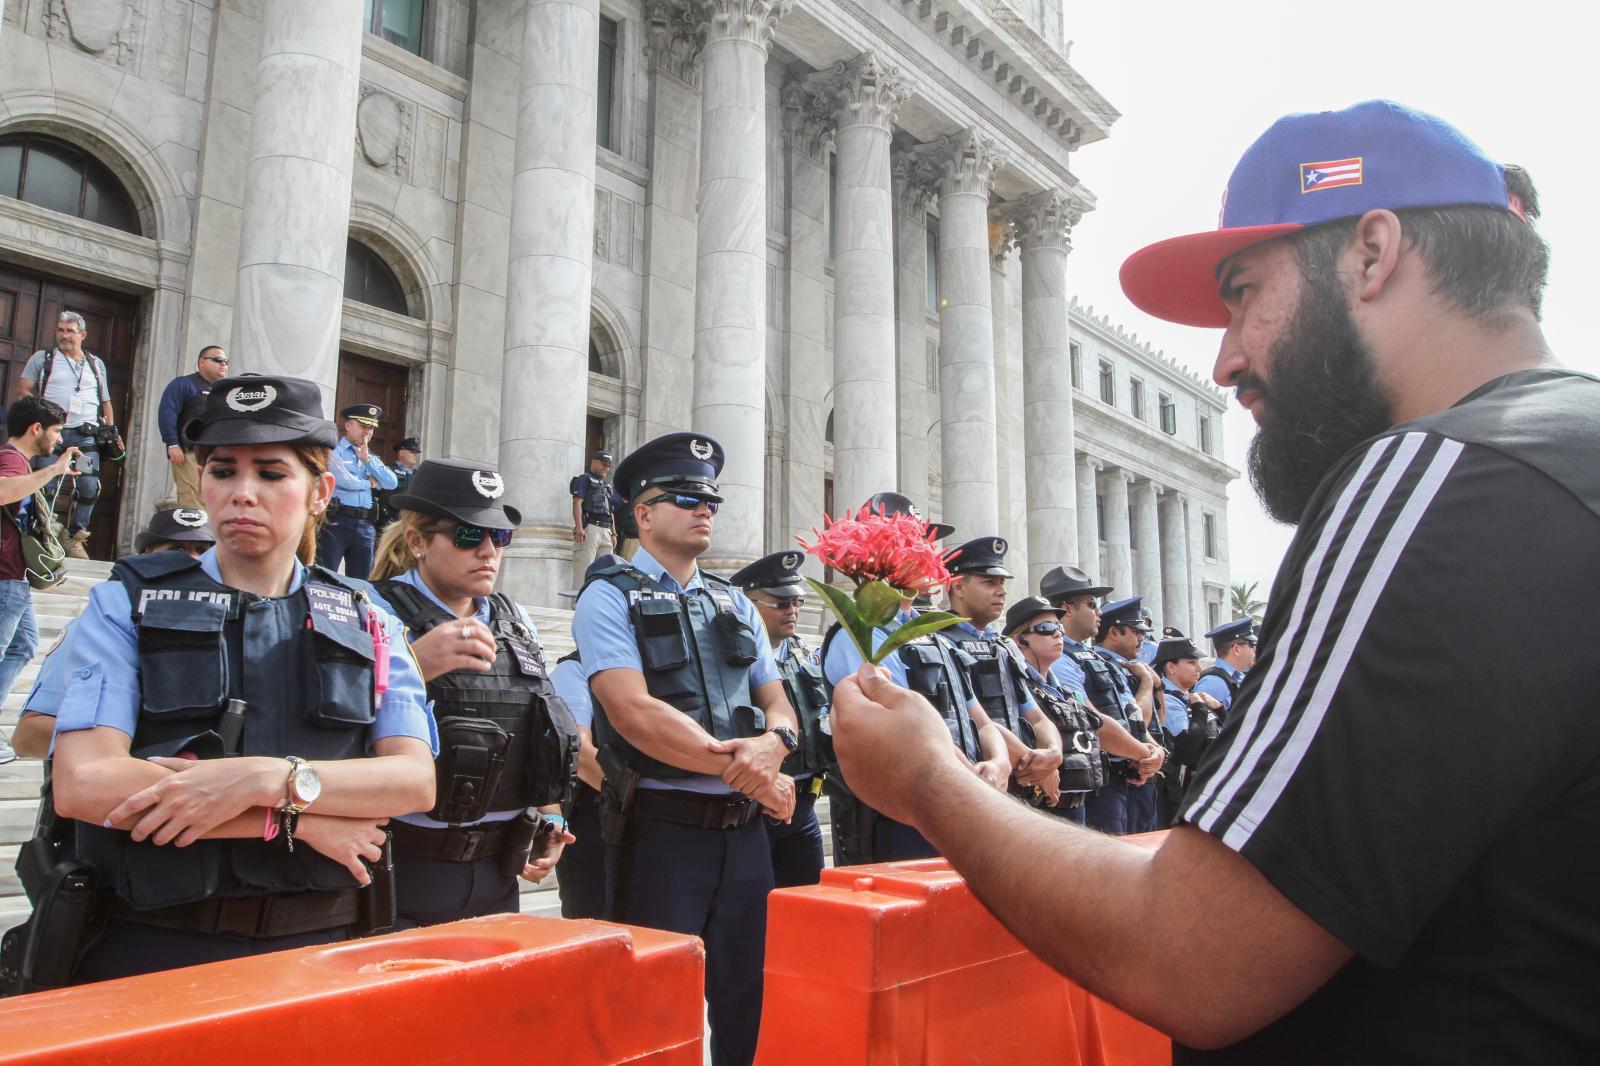 18 de abril de 2017. Manifestación en el Capitolio tras la derogación de la Comisión de la Auditoría de la Deuda Pública.